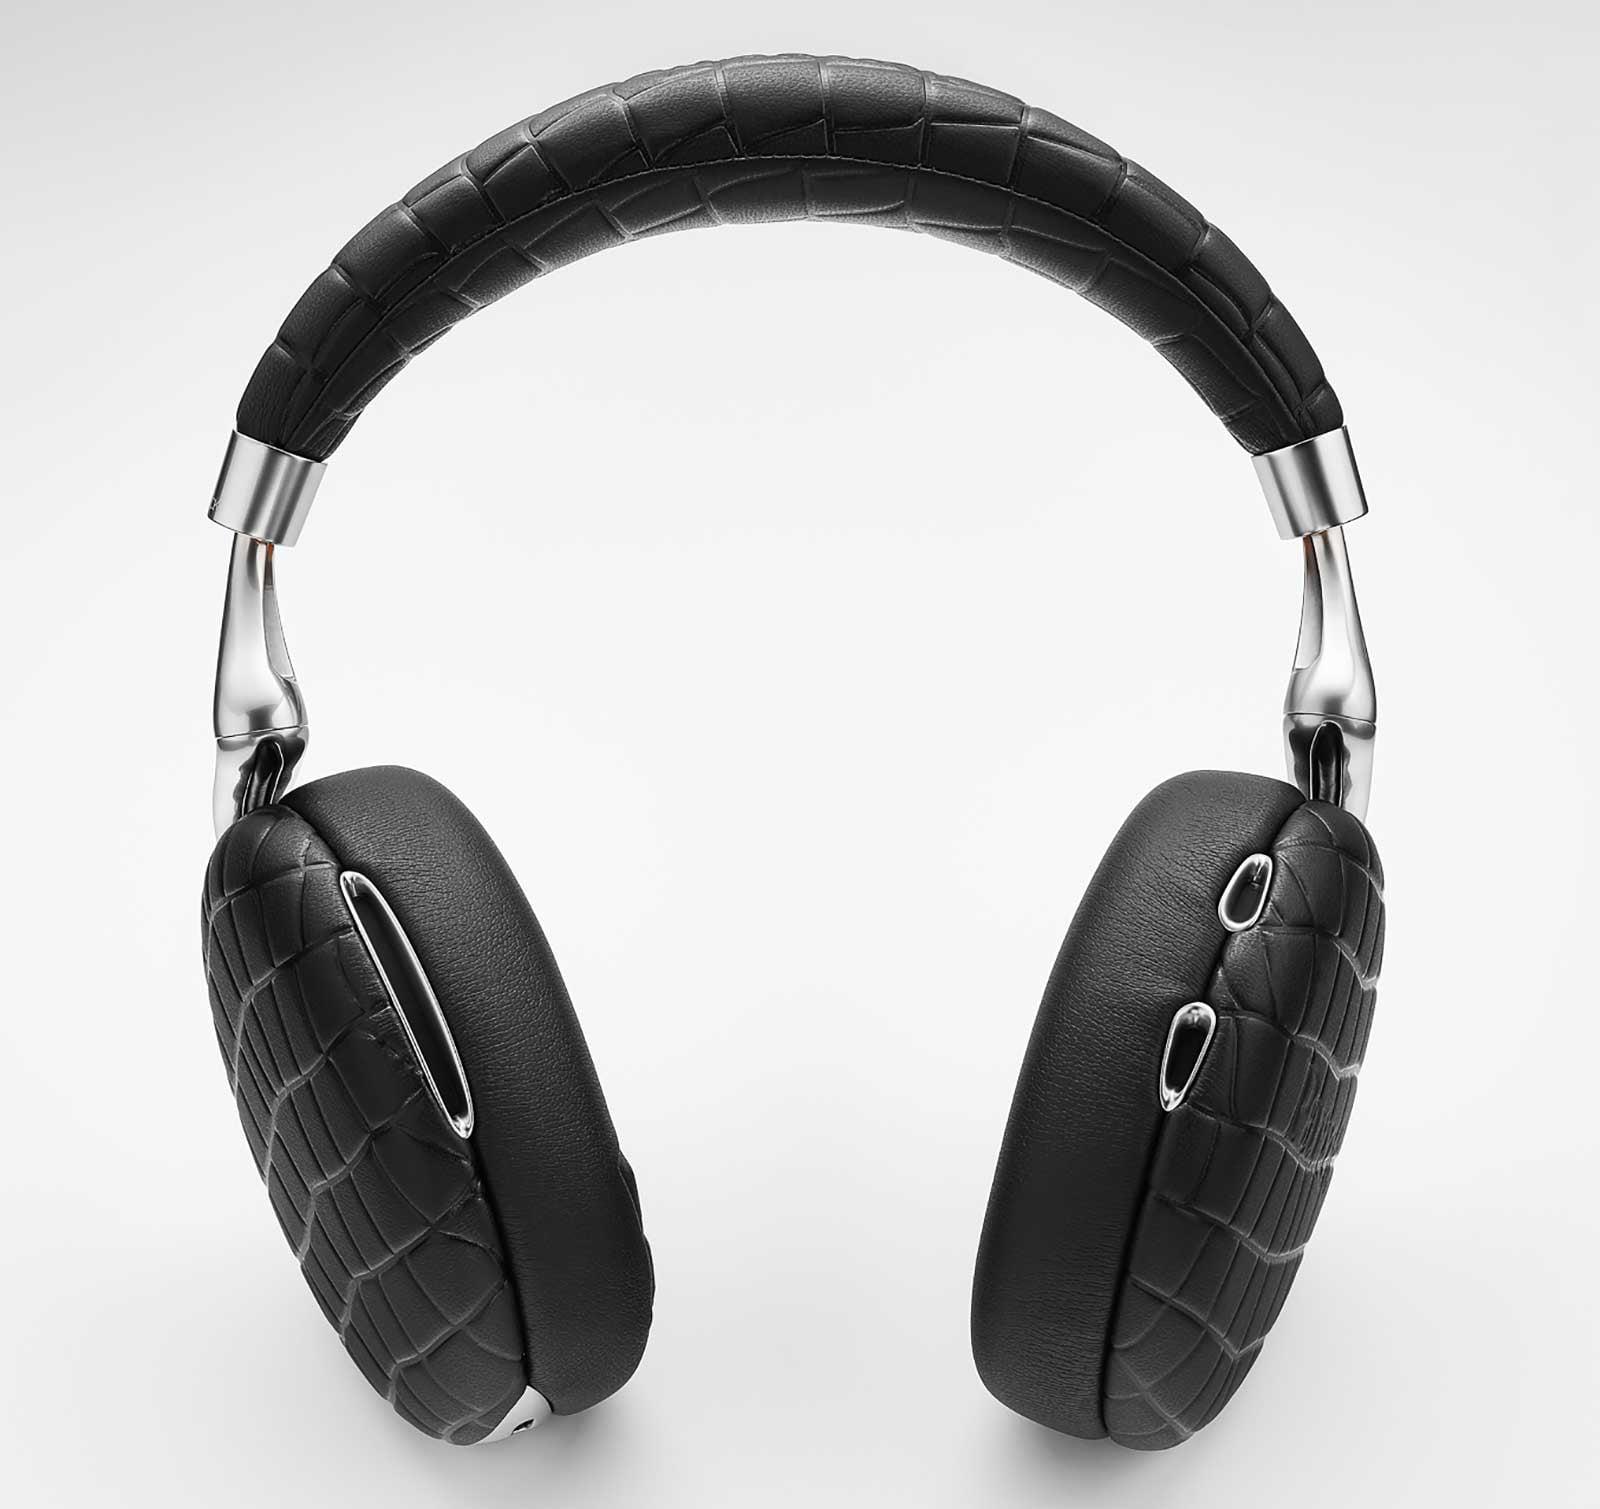 Parrot PF562000 Zik 3 Headphones, Black Croc